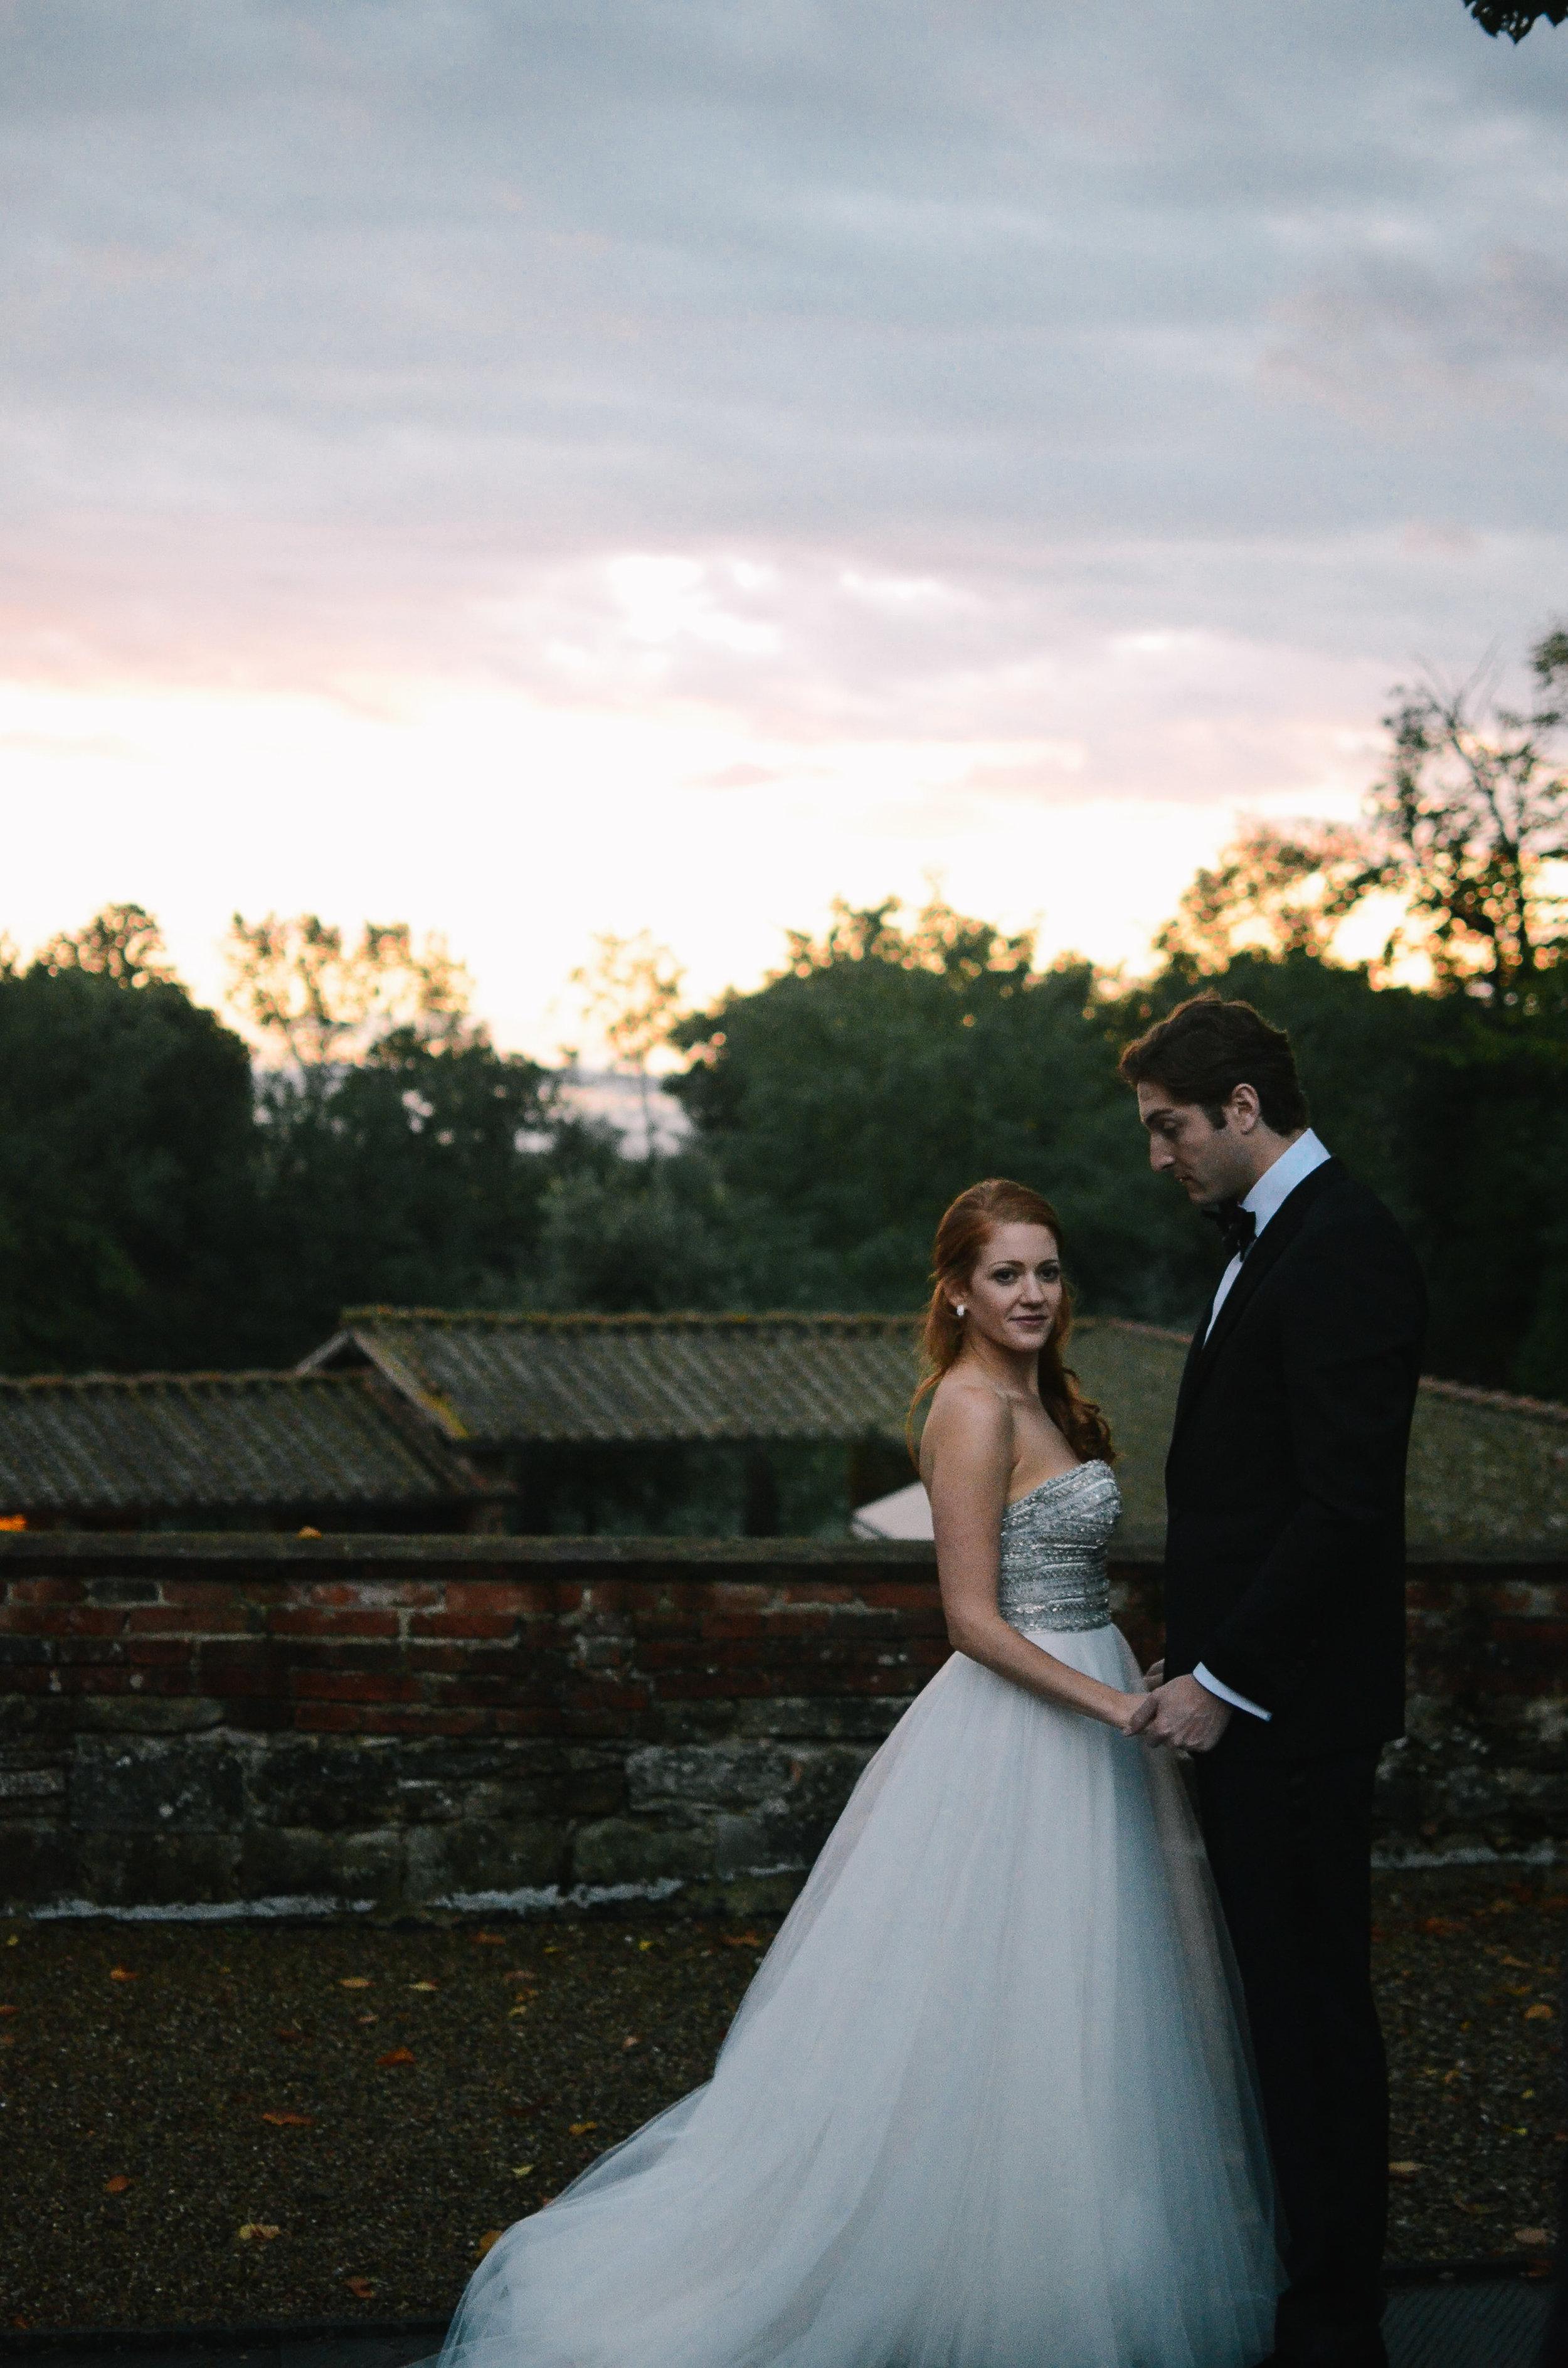 il-borro-toscana-wedding-tuscany-lifeonpine_DSC_1154.jpg